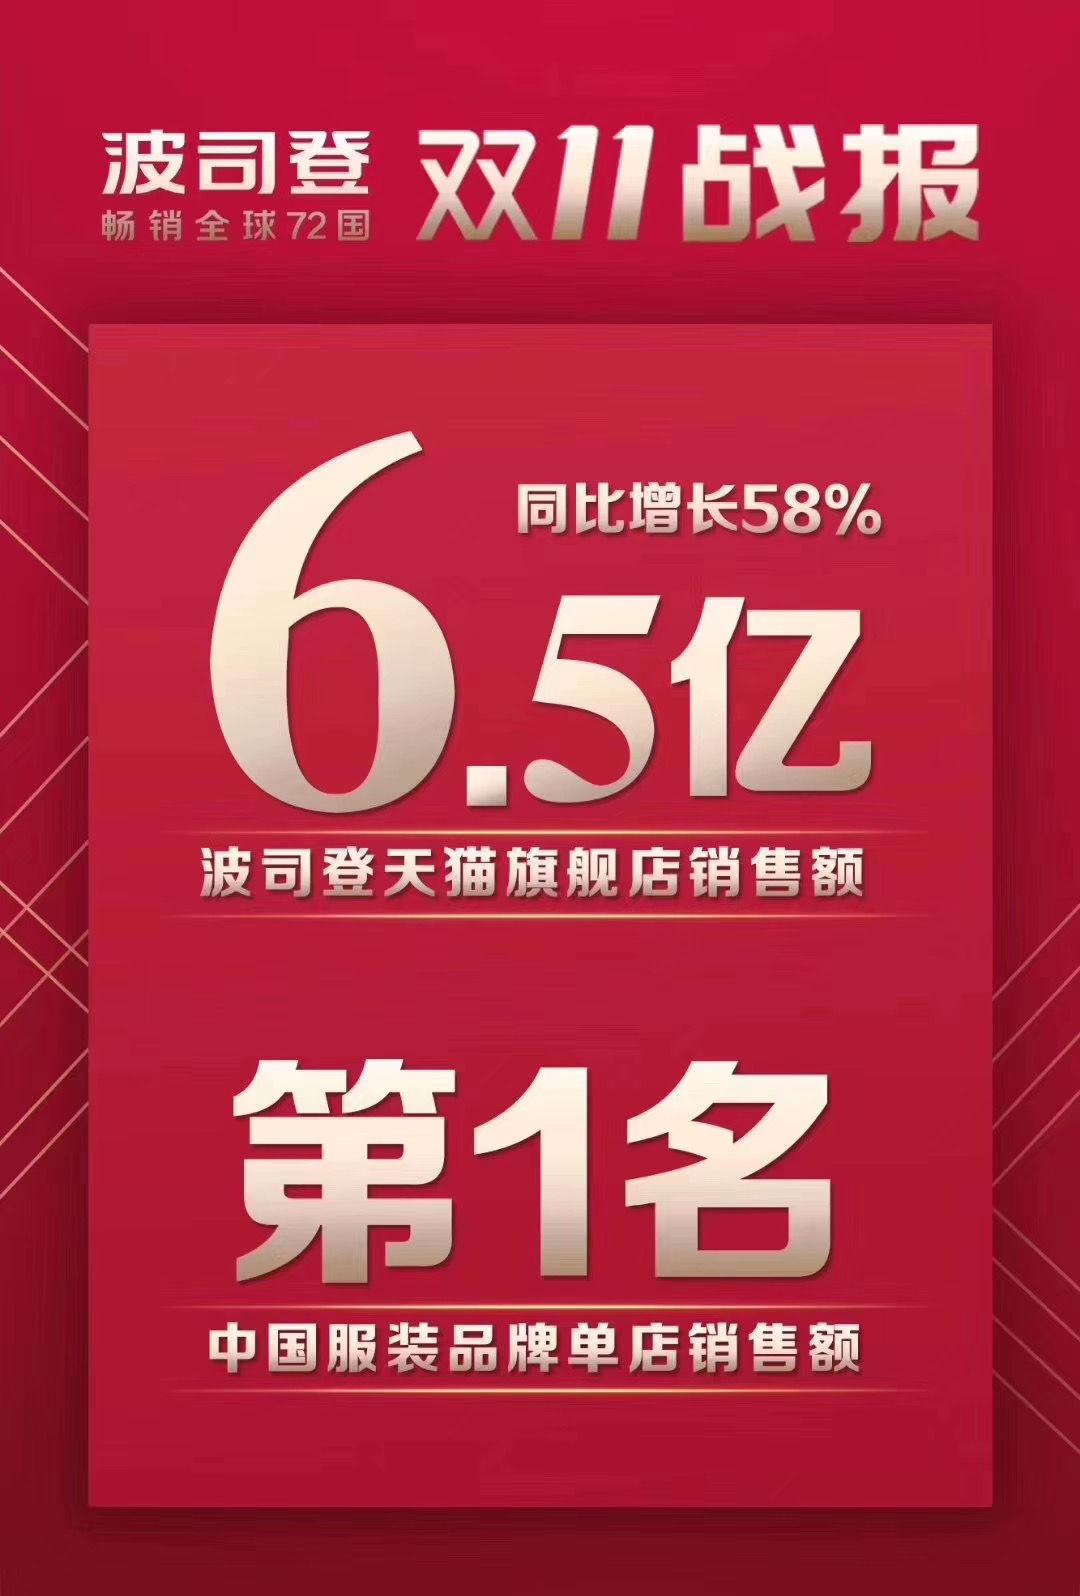 波司登天猫旗舰店双11销售额6.5亿